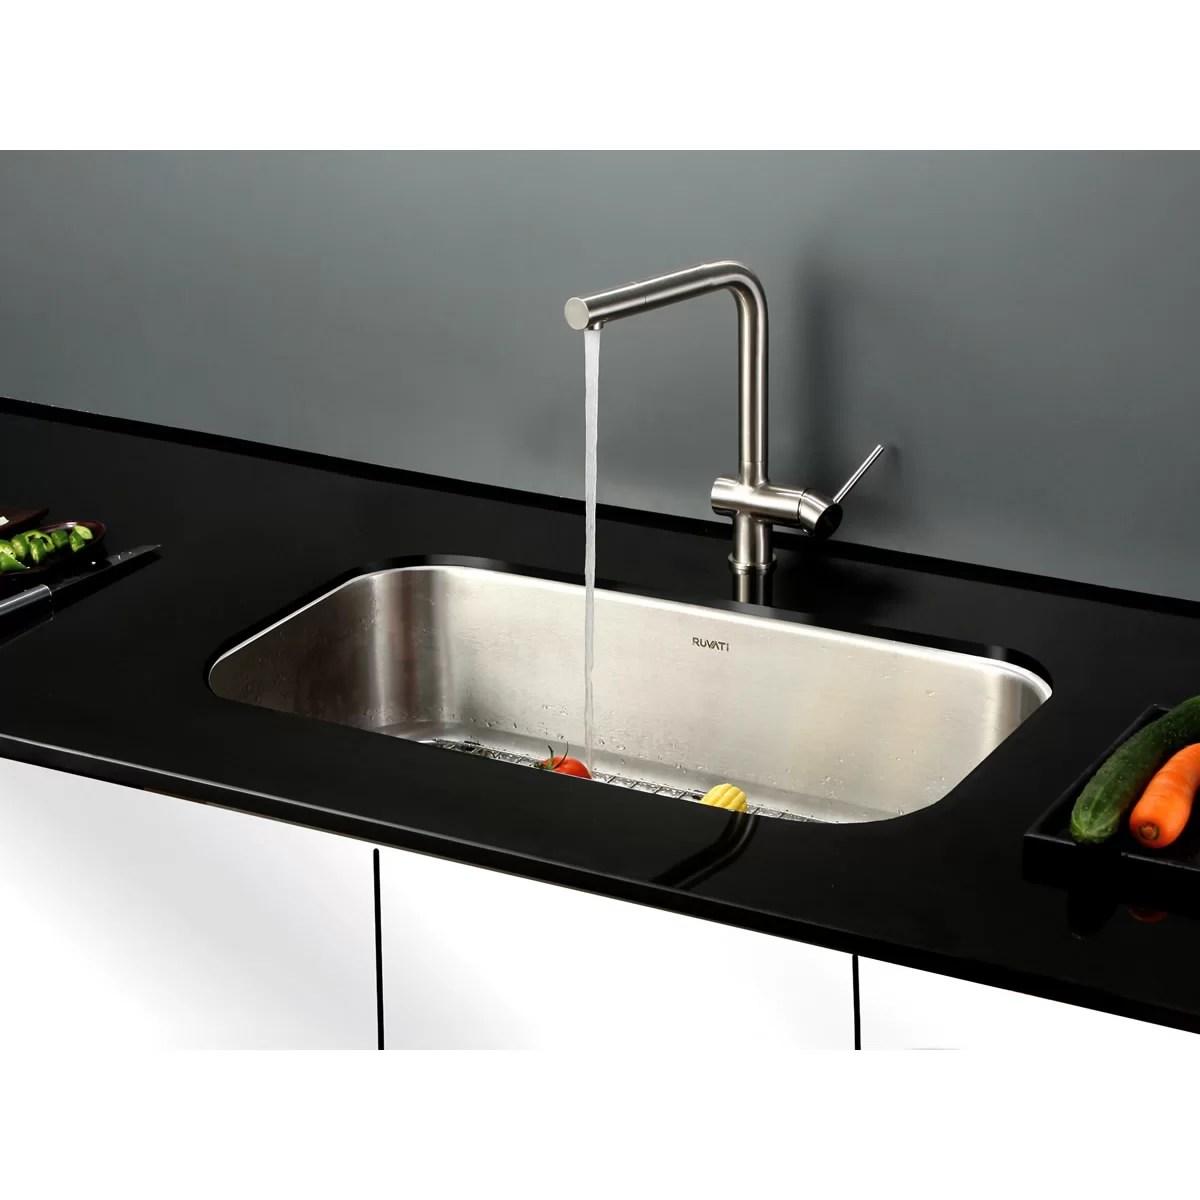 Ruvati Parmi 315quot X 1825quot Undermount Single Bowl Kitchen